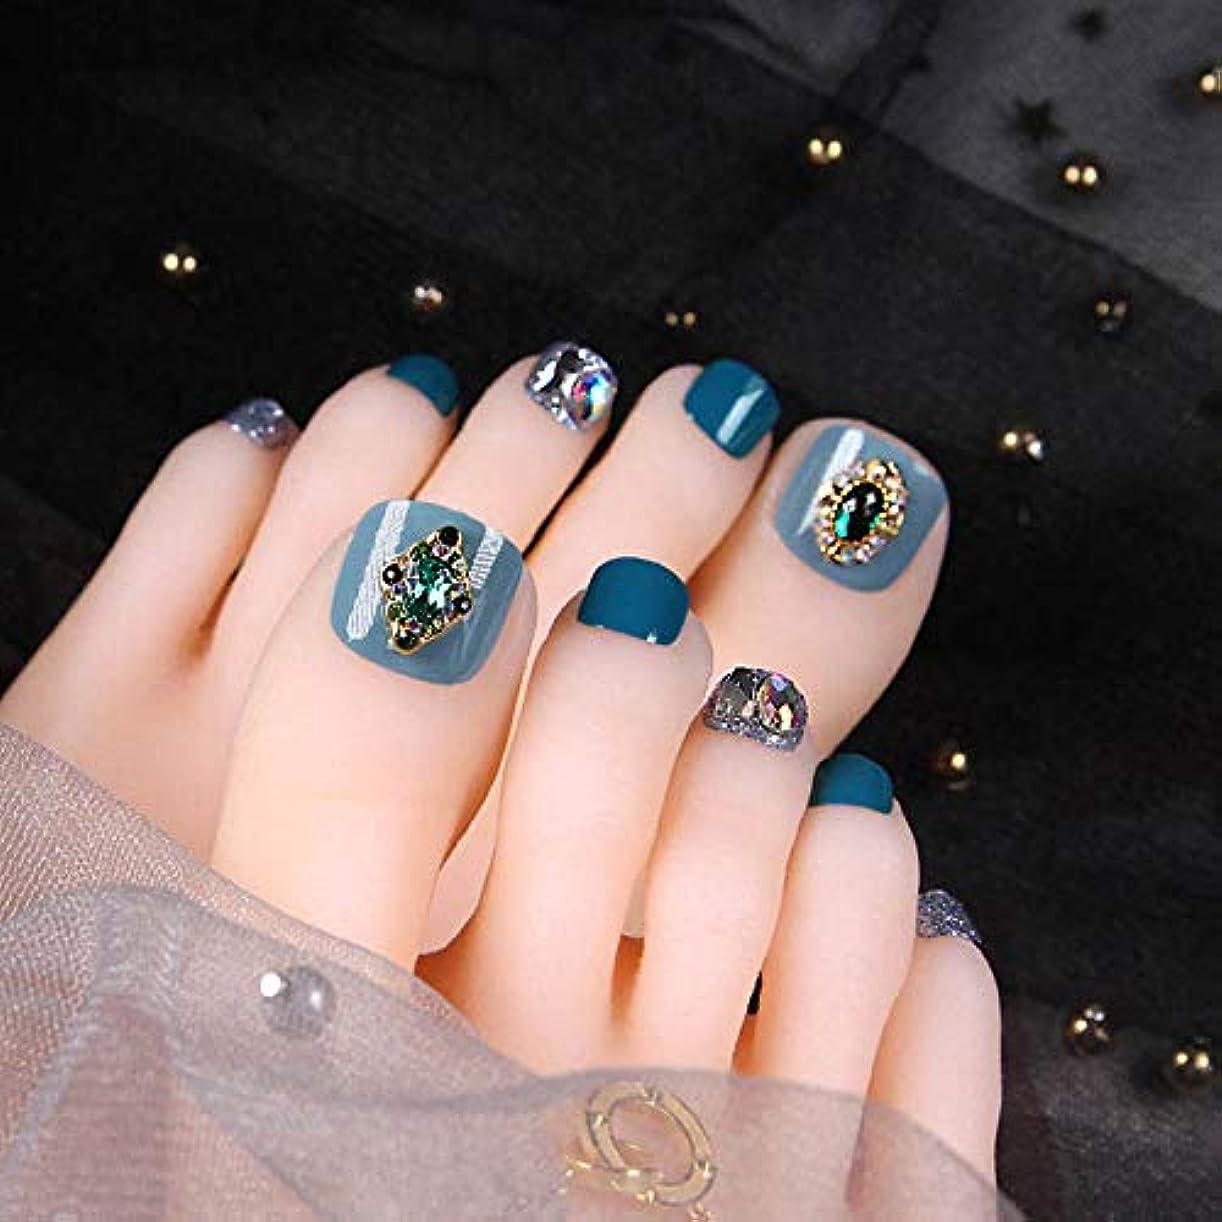 どこか量で服XUTXZKA 24PCSライトブルースモールフレッシュフェイクトゥネイルショートフルカバーウェアラブルデタッチャブルグリッターダイヤモンド爪